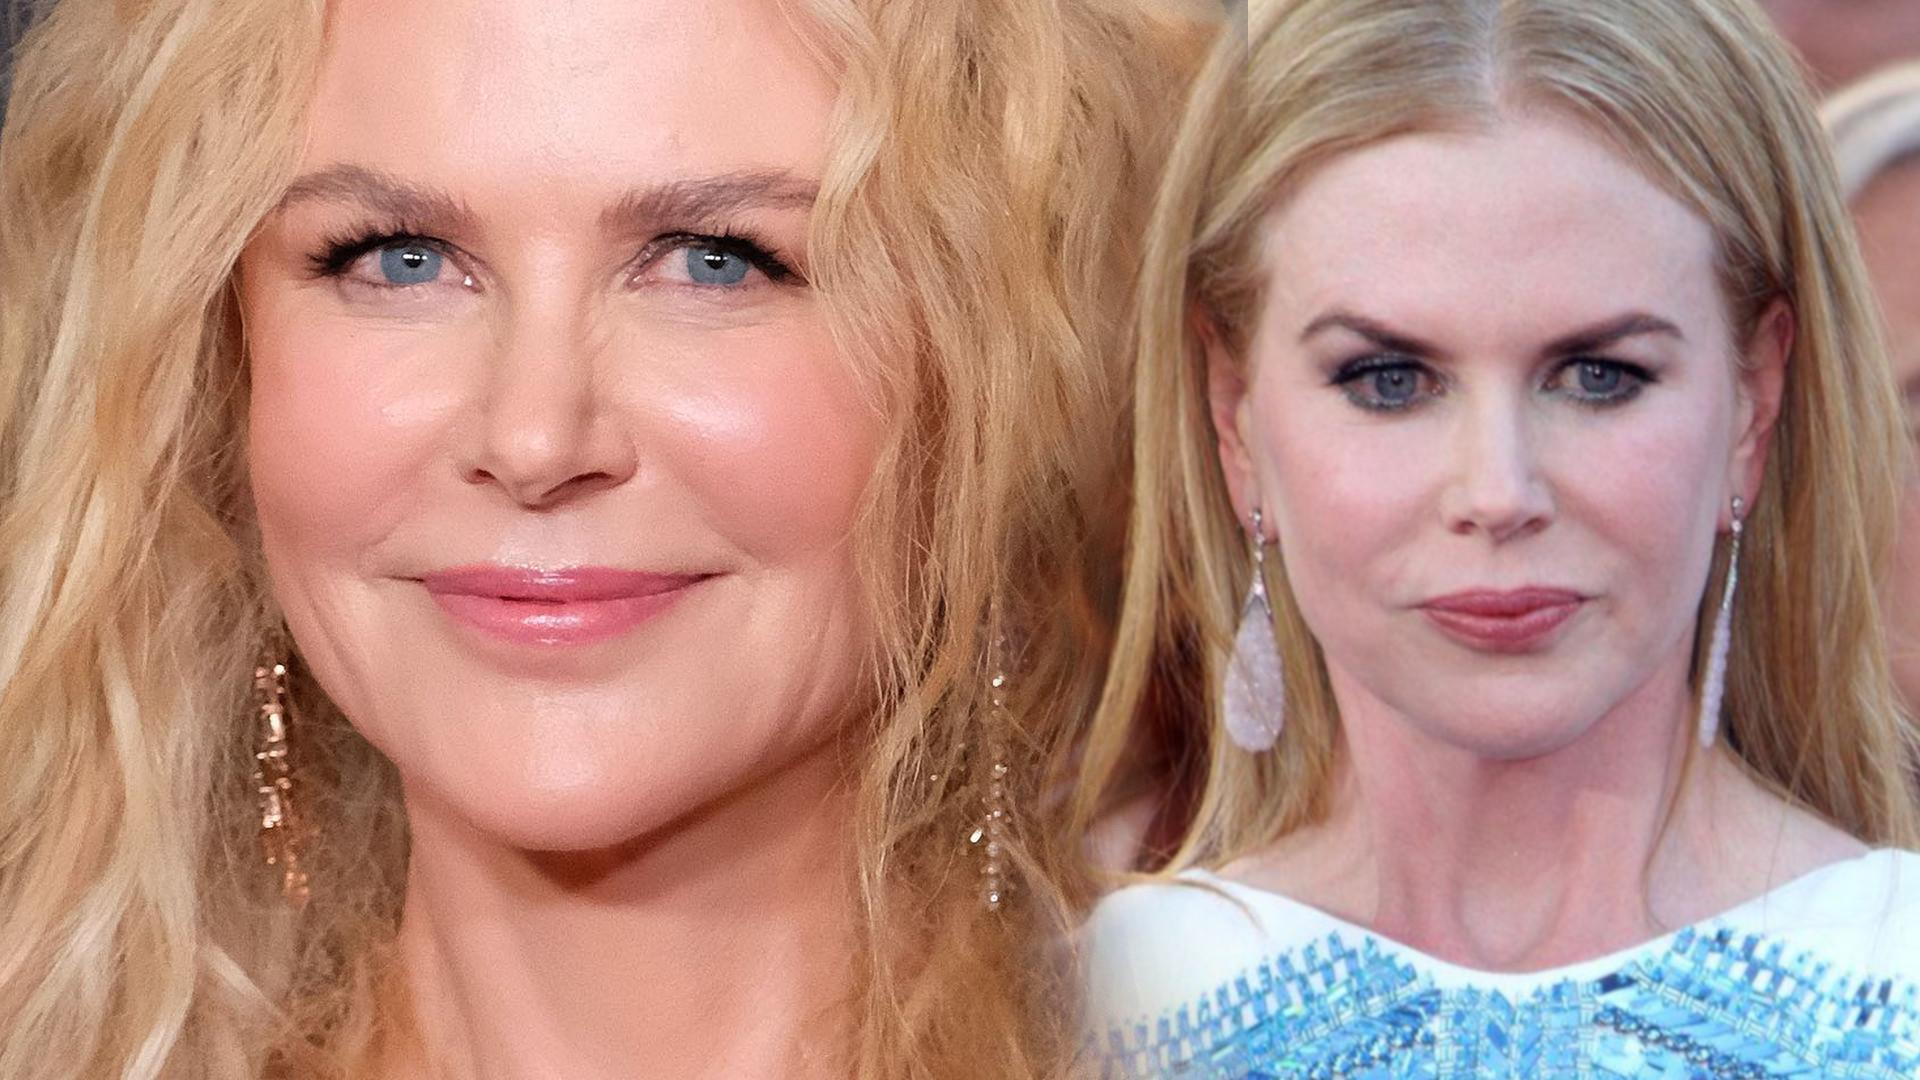 Chirurg plastyczny wylicza, co zmieniła w twarzy Nicole Kidman